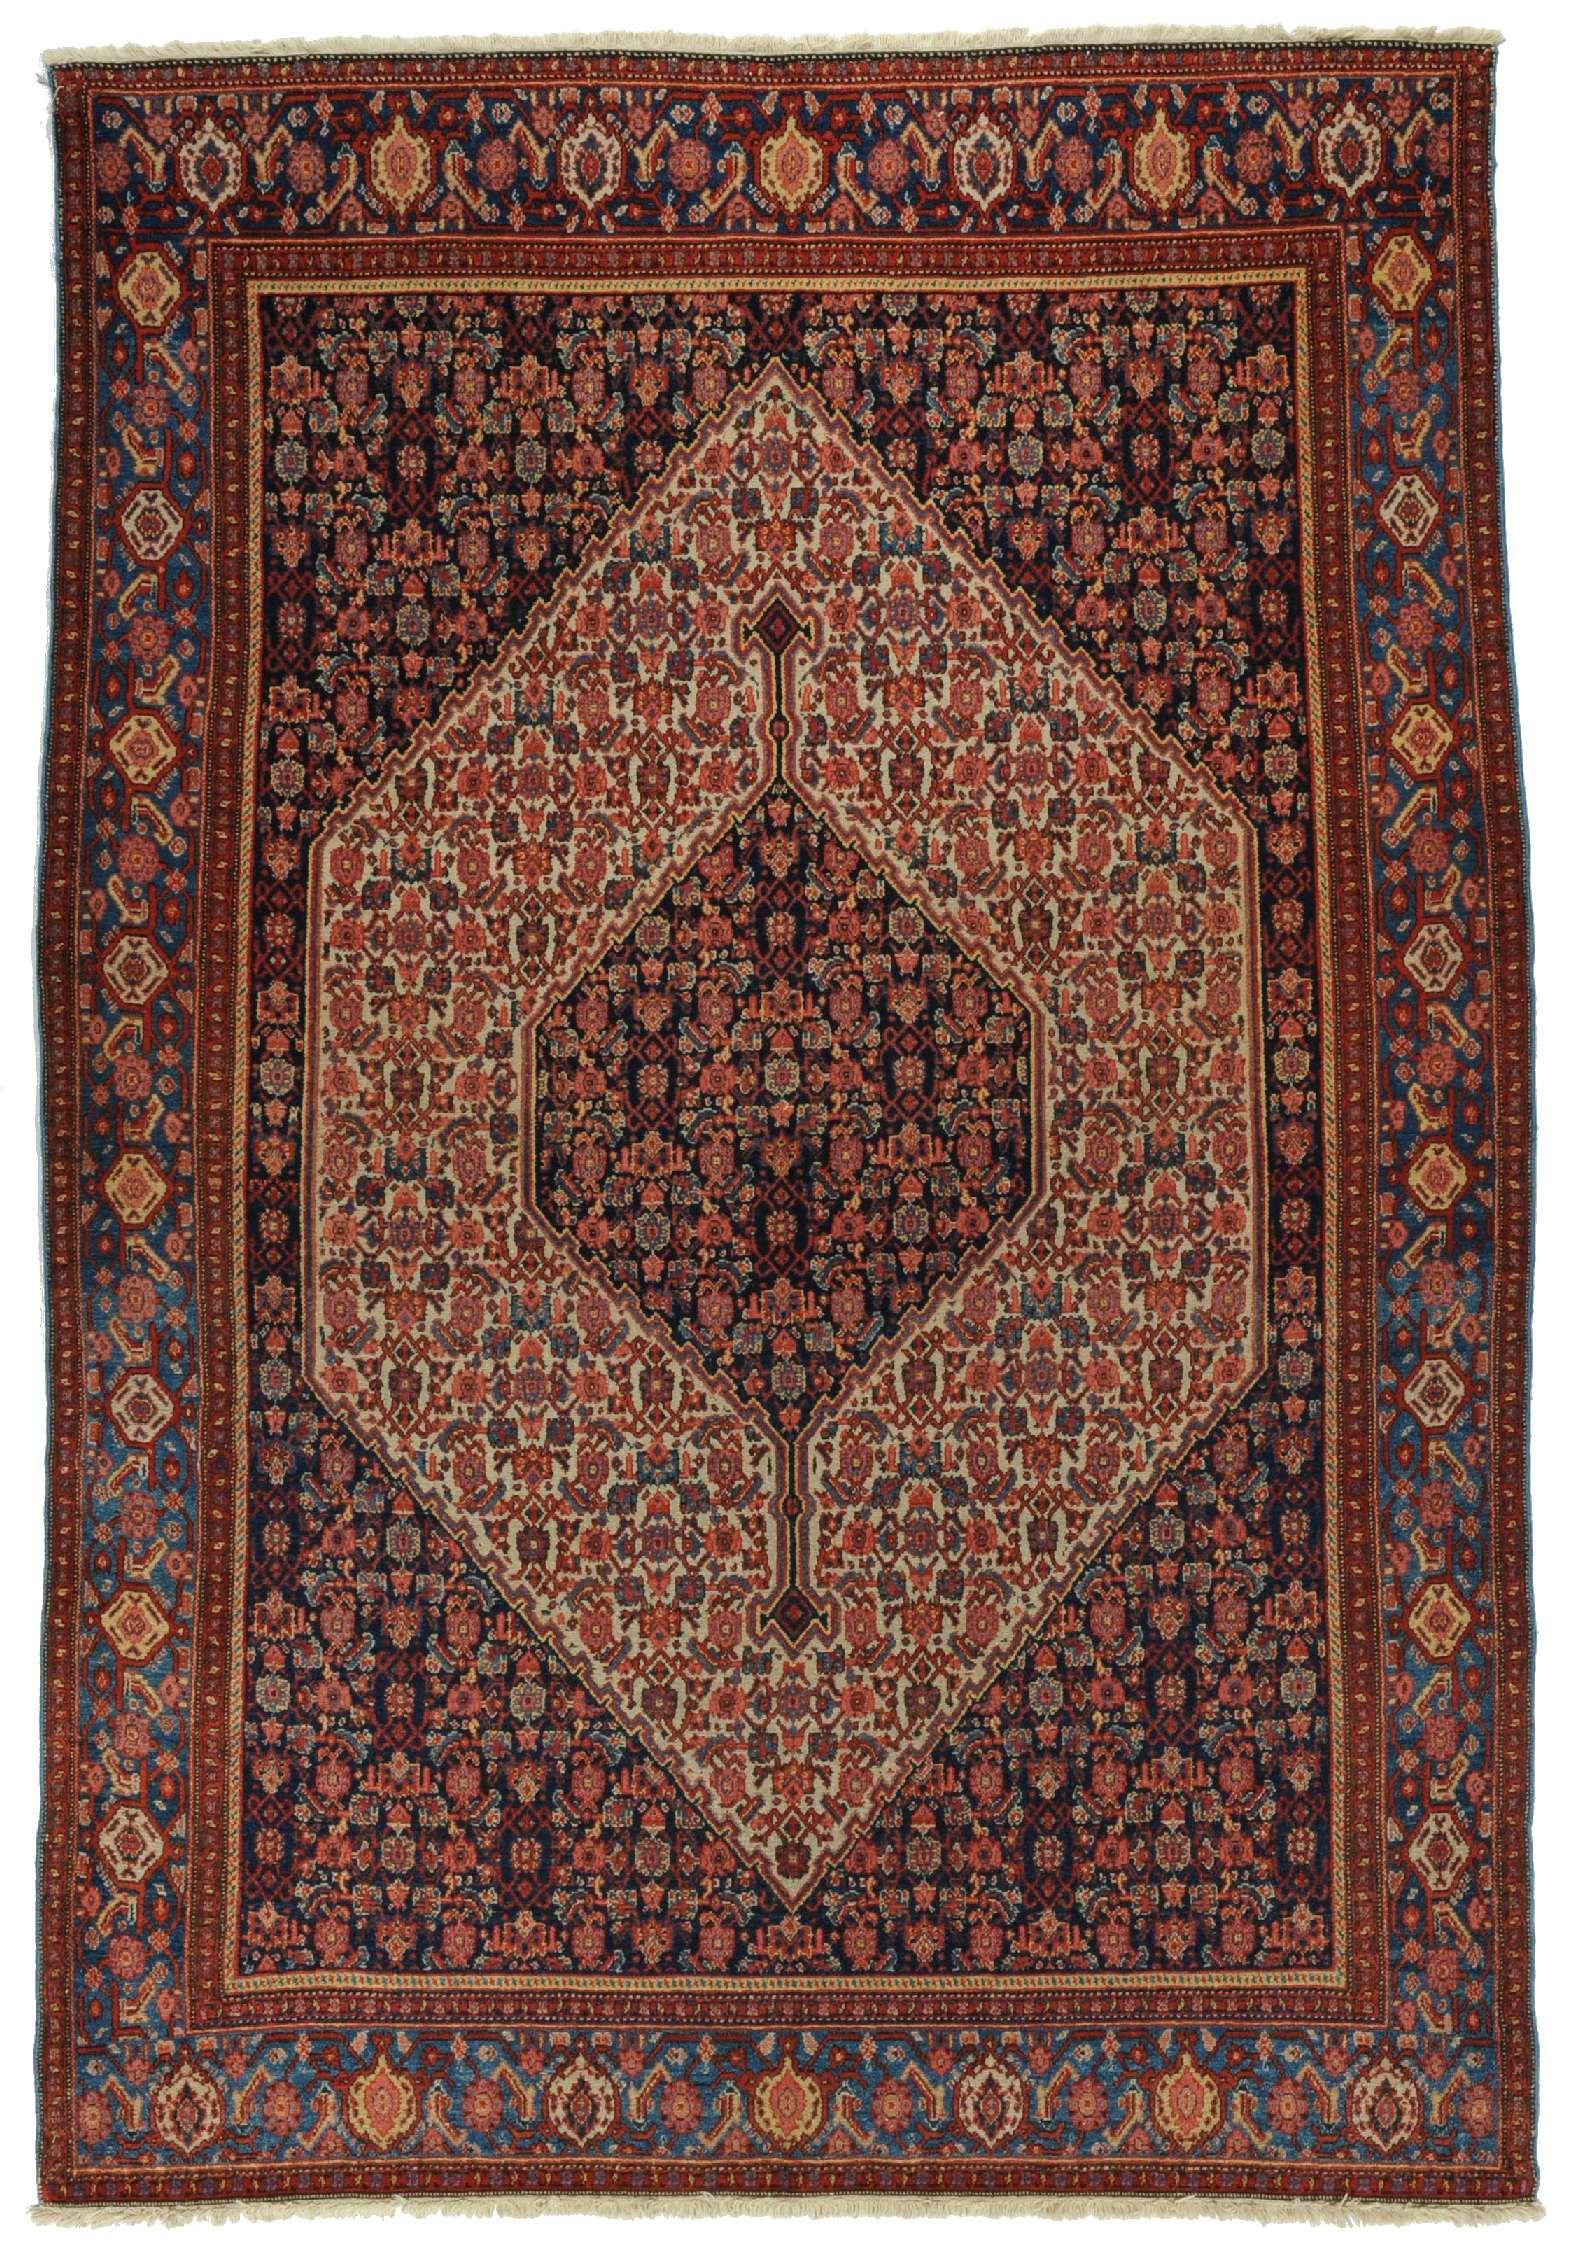 Senneh Herkunft Iran Alter Antik Lange 196 Breite 137 Perserteppich Teppich Persischer Teppich